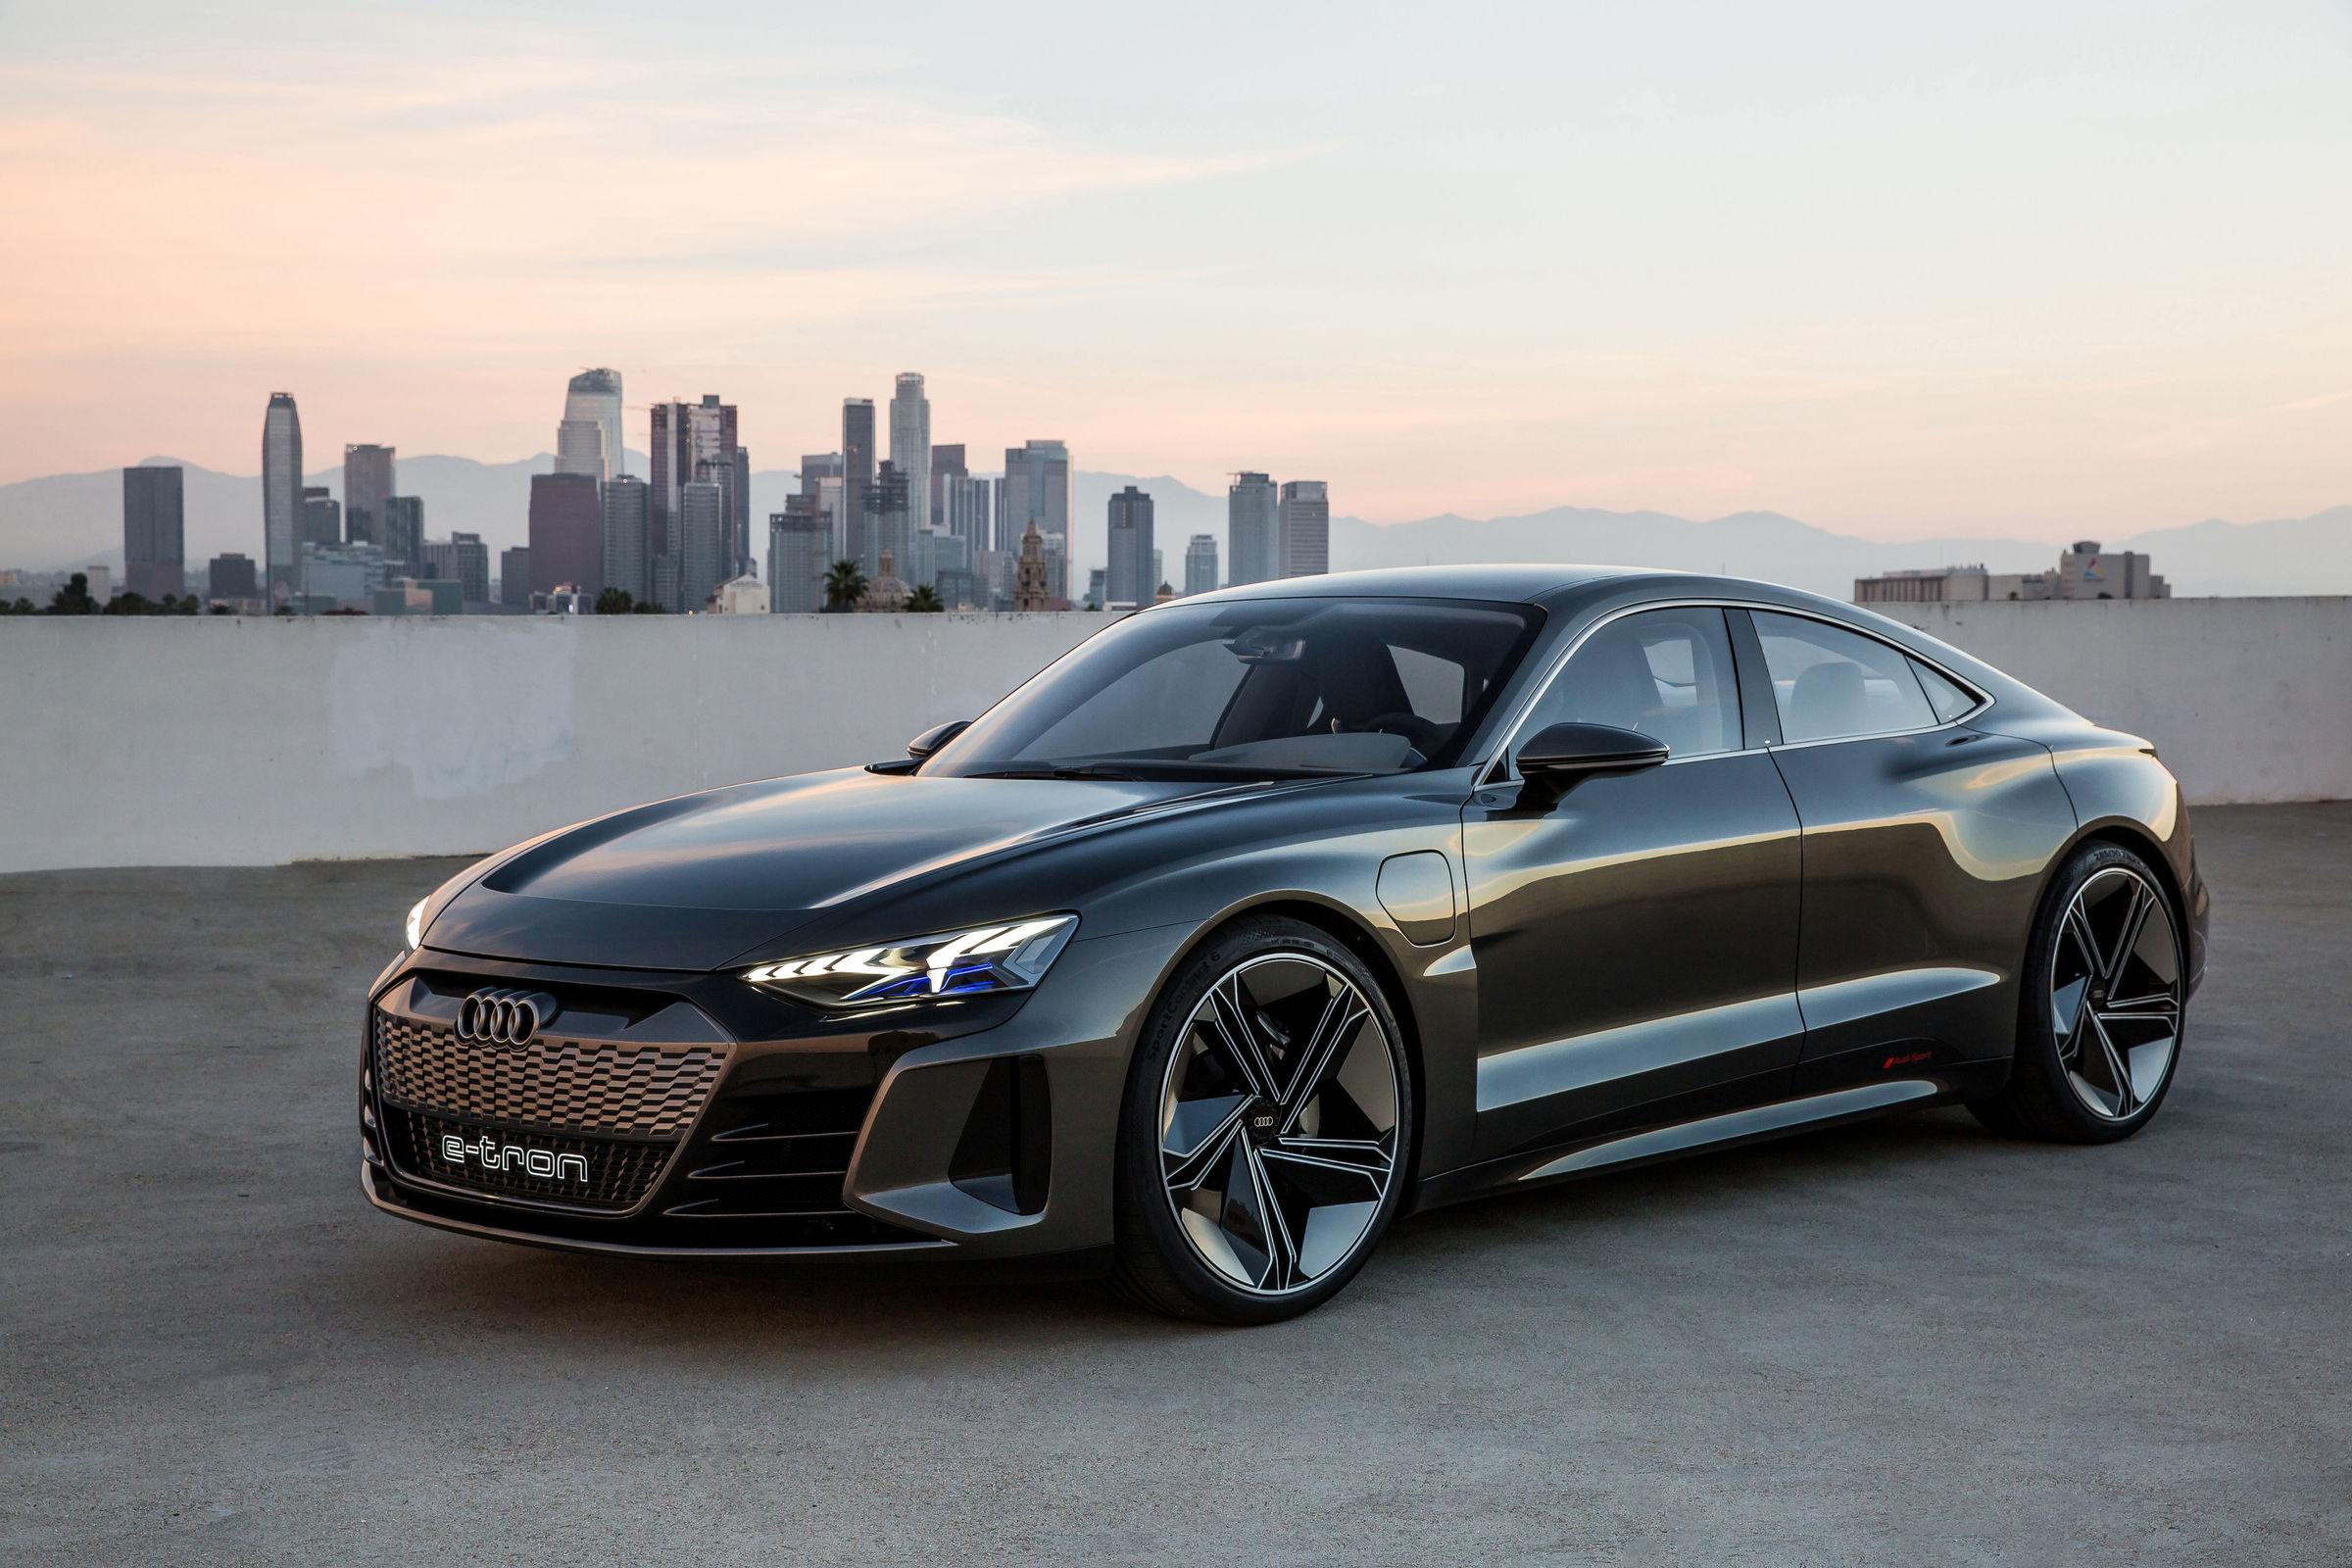 Este es el color de auto que refleja lujo y exclusividad, según estudio